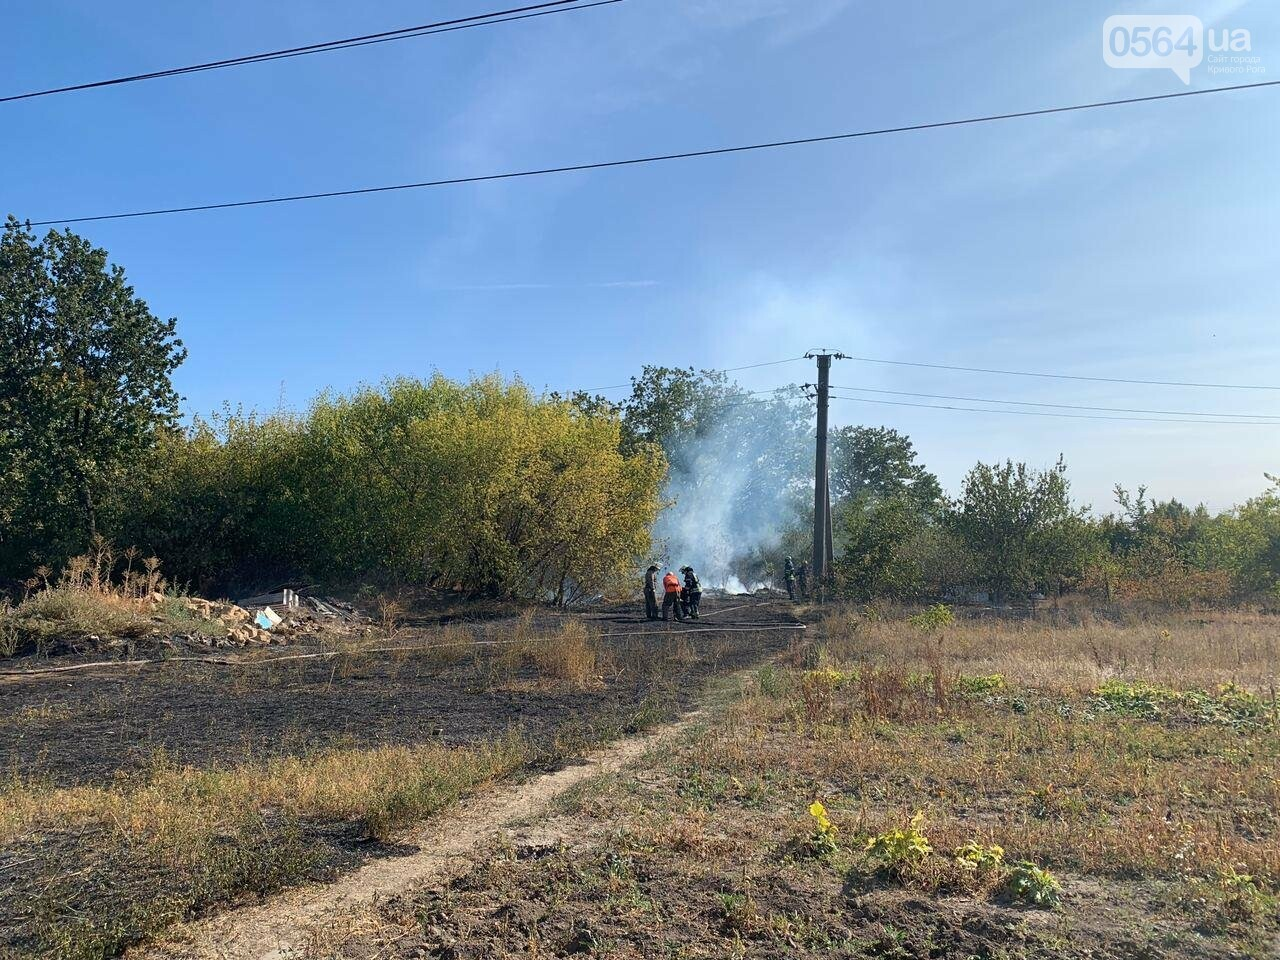 В Кривом Роге возле частного сектора произошел пожар в экосистеме, - ФОТО , фото-2